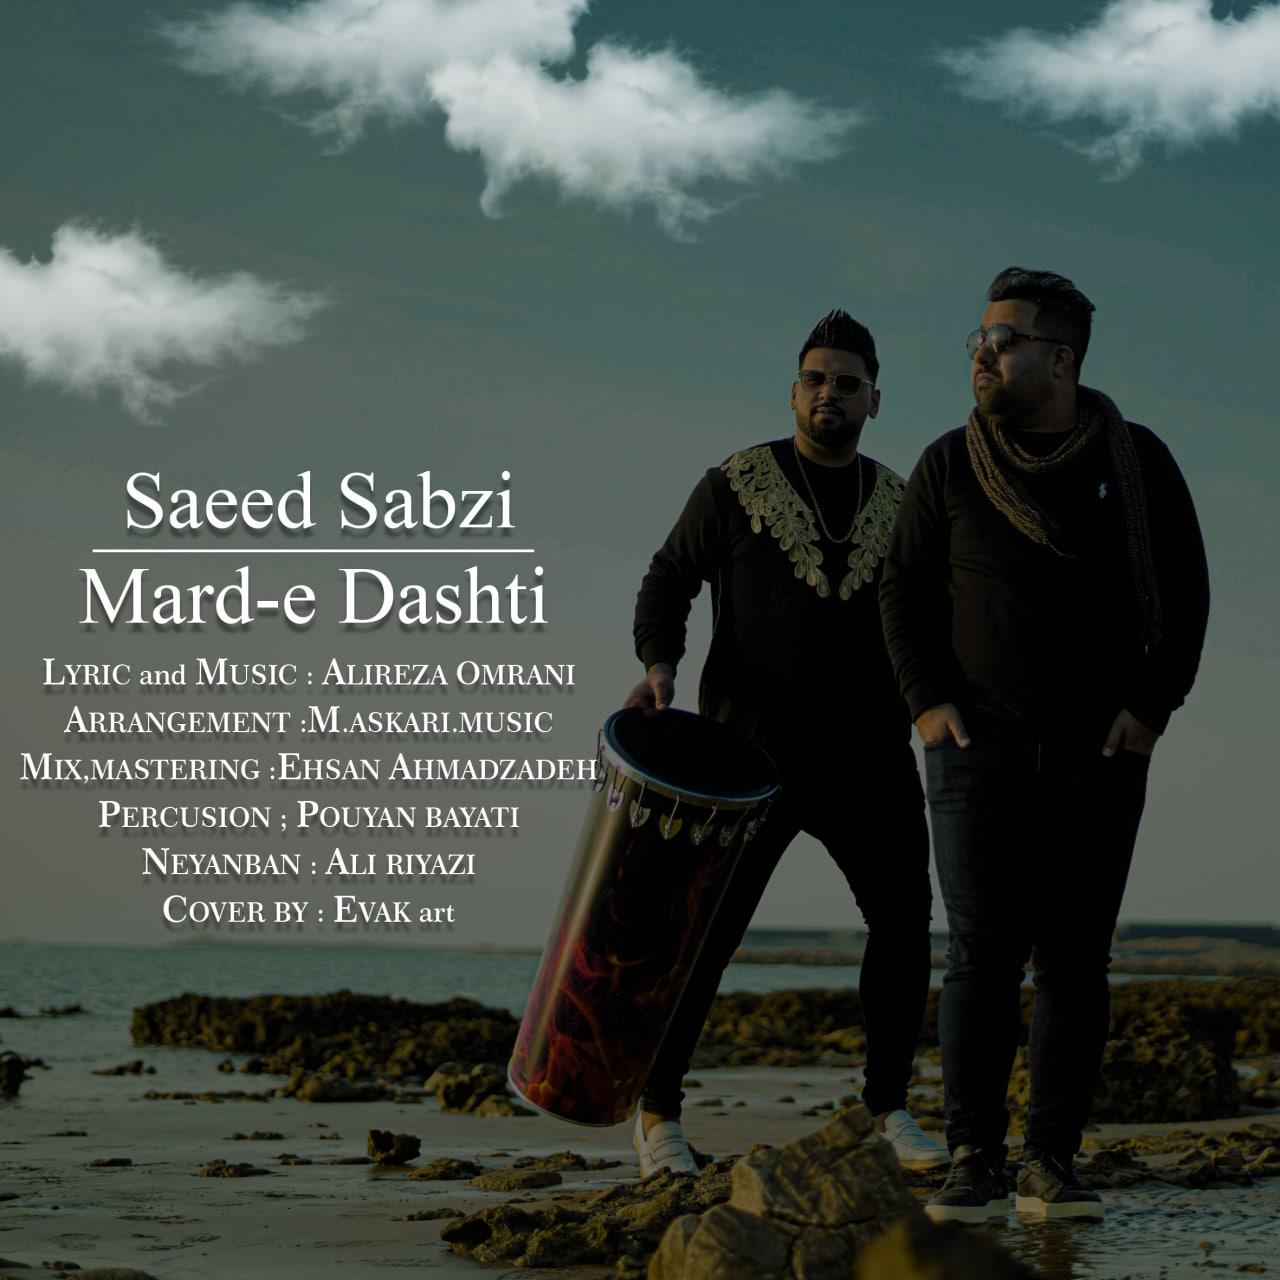 دانلود موزیک جدید مرد دشتی از سعید سبزی